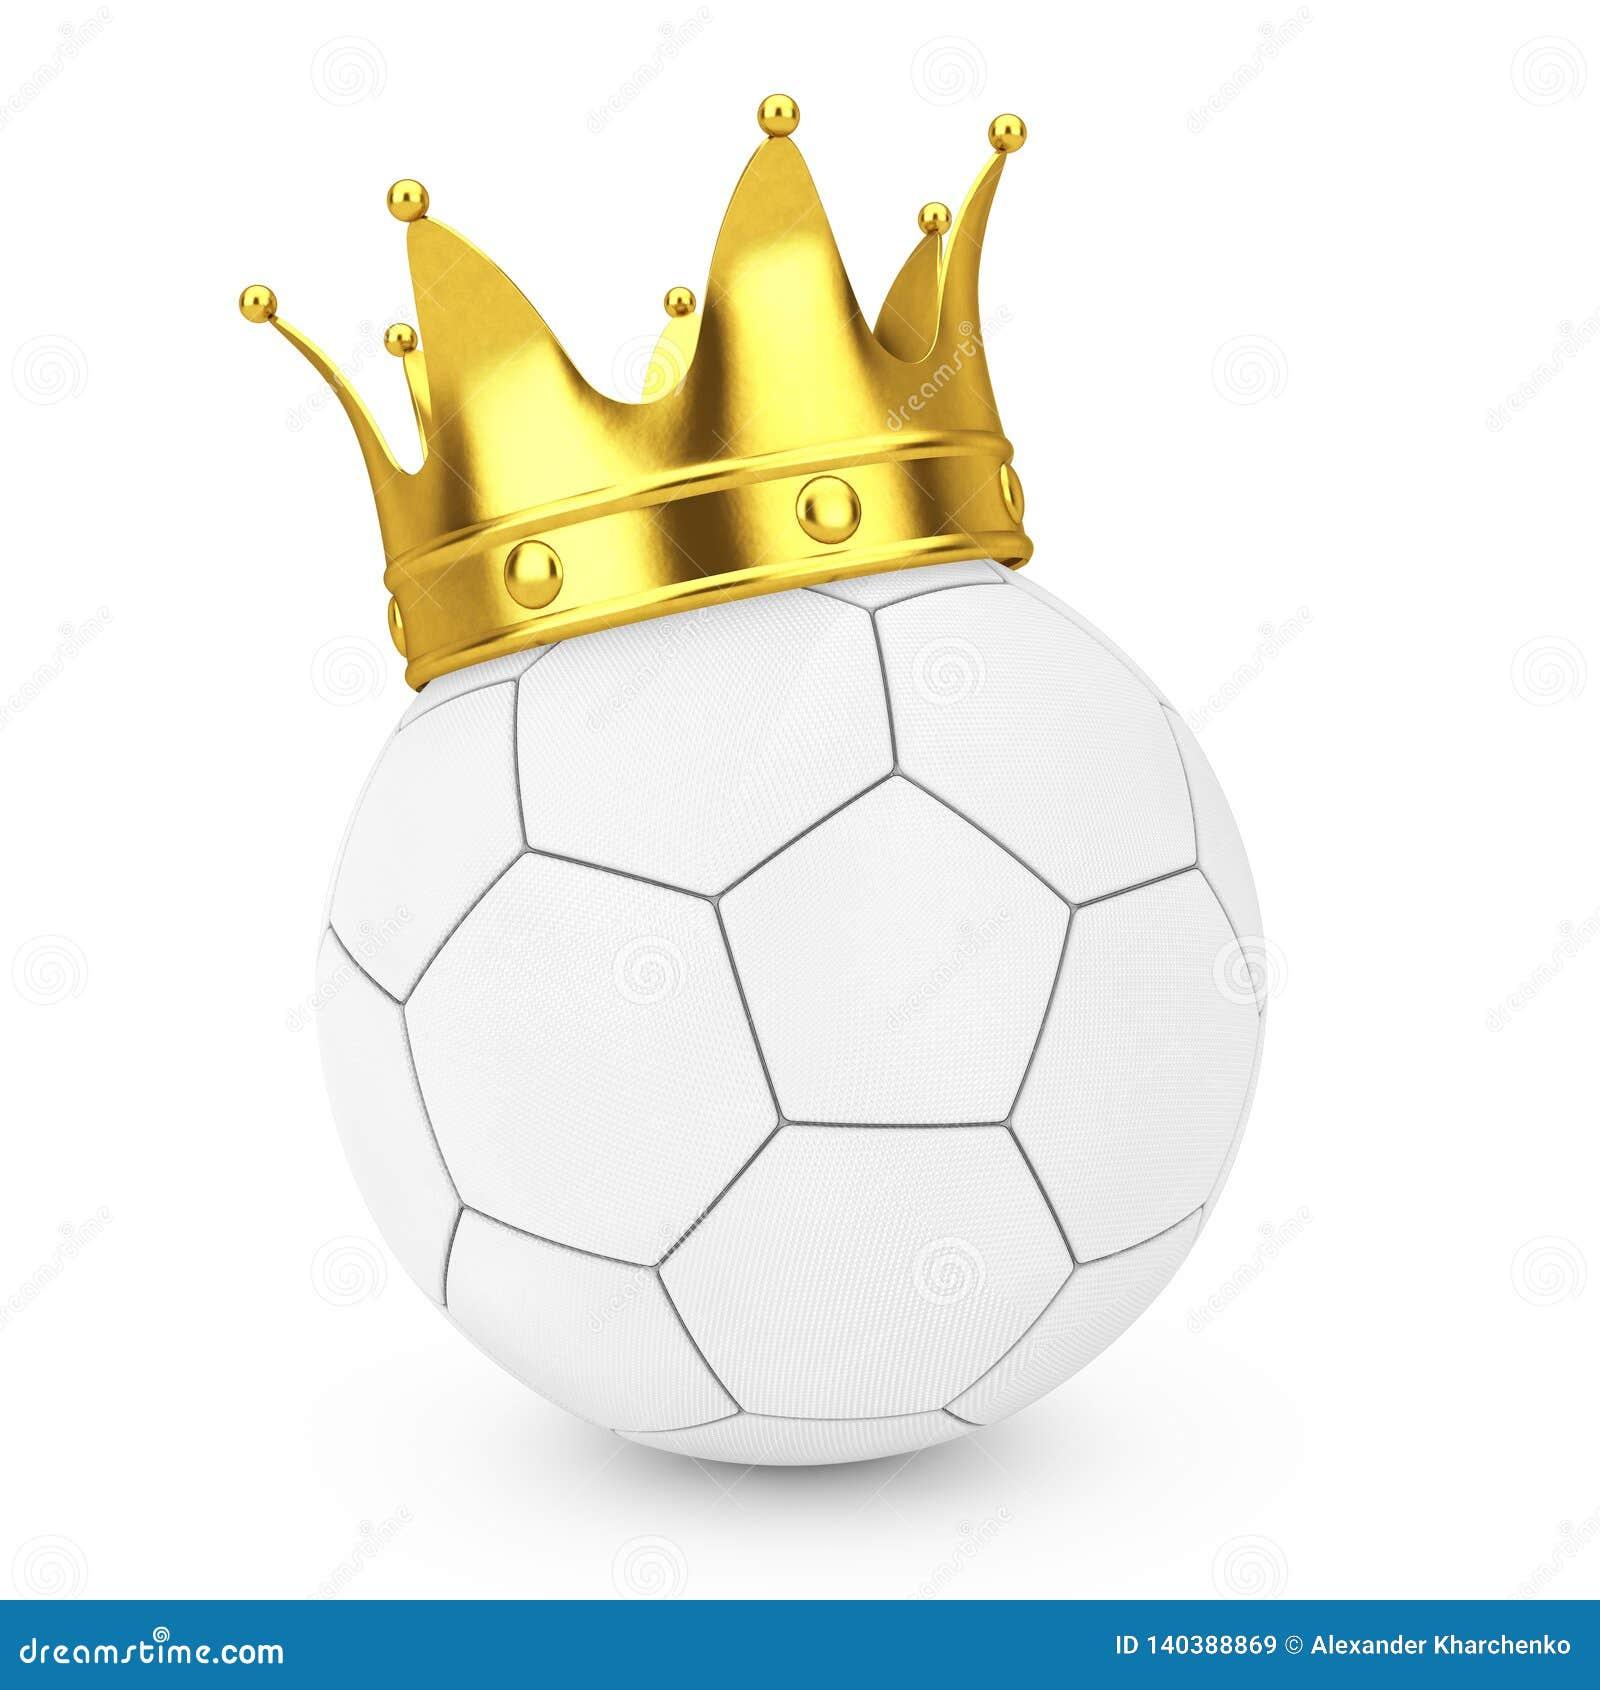 Futbolowy piłka nożna sukcesu pojęcie Złota korona nad Białej skóry piłki nożnej Futbolową piłką świadczenia 3 d